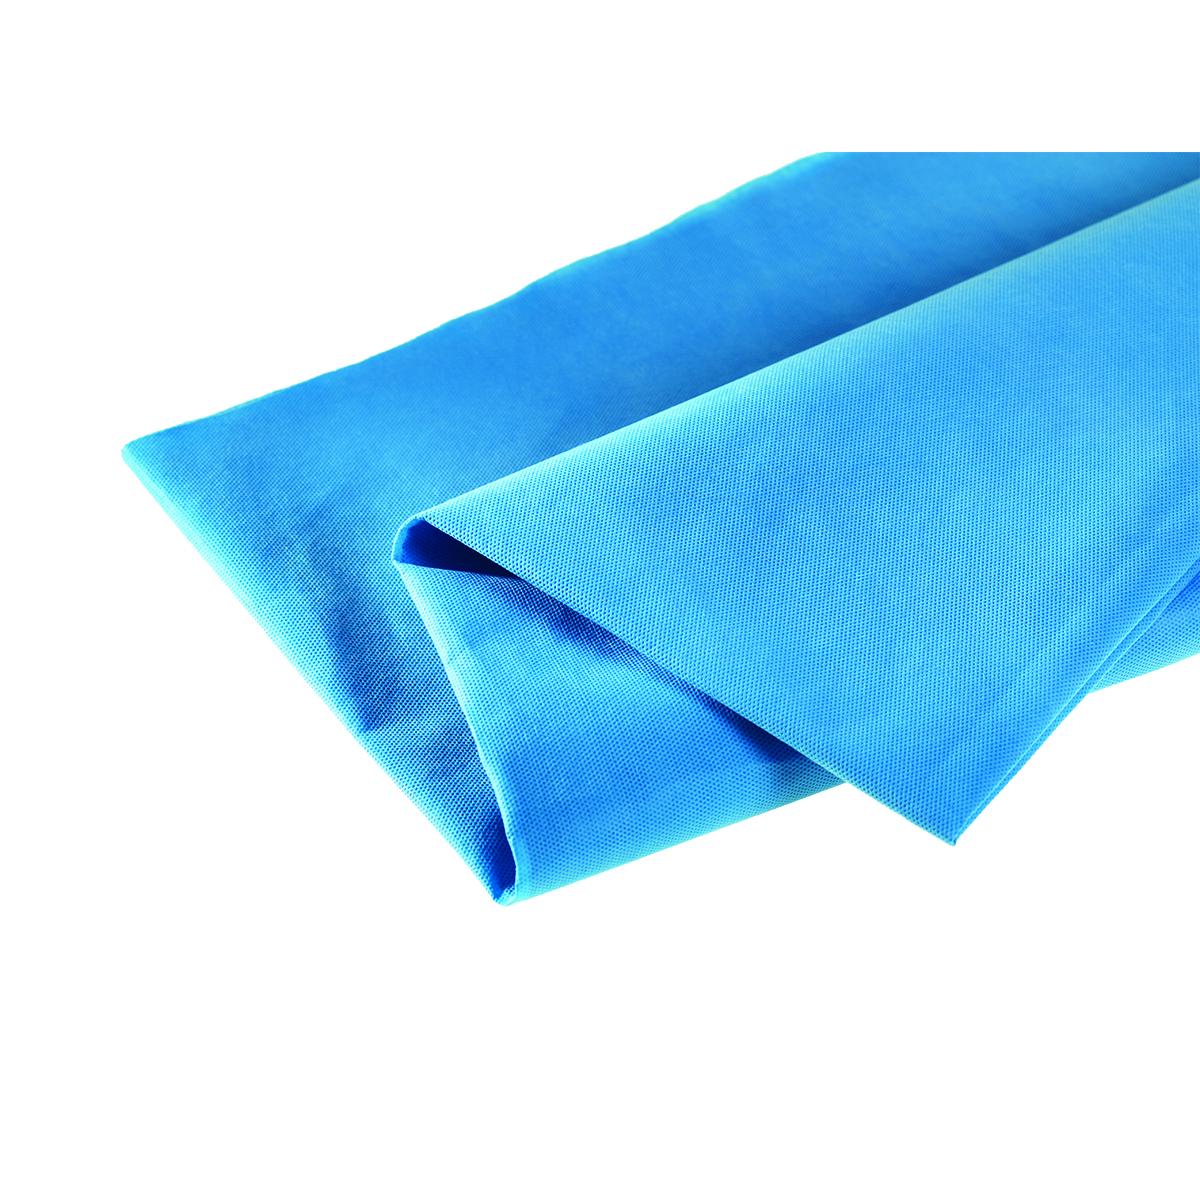 Sterilisation Packaging Image